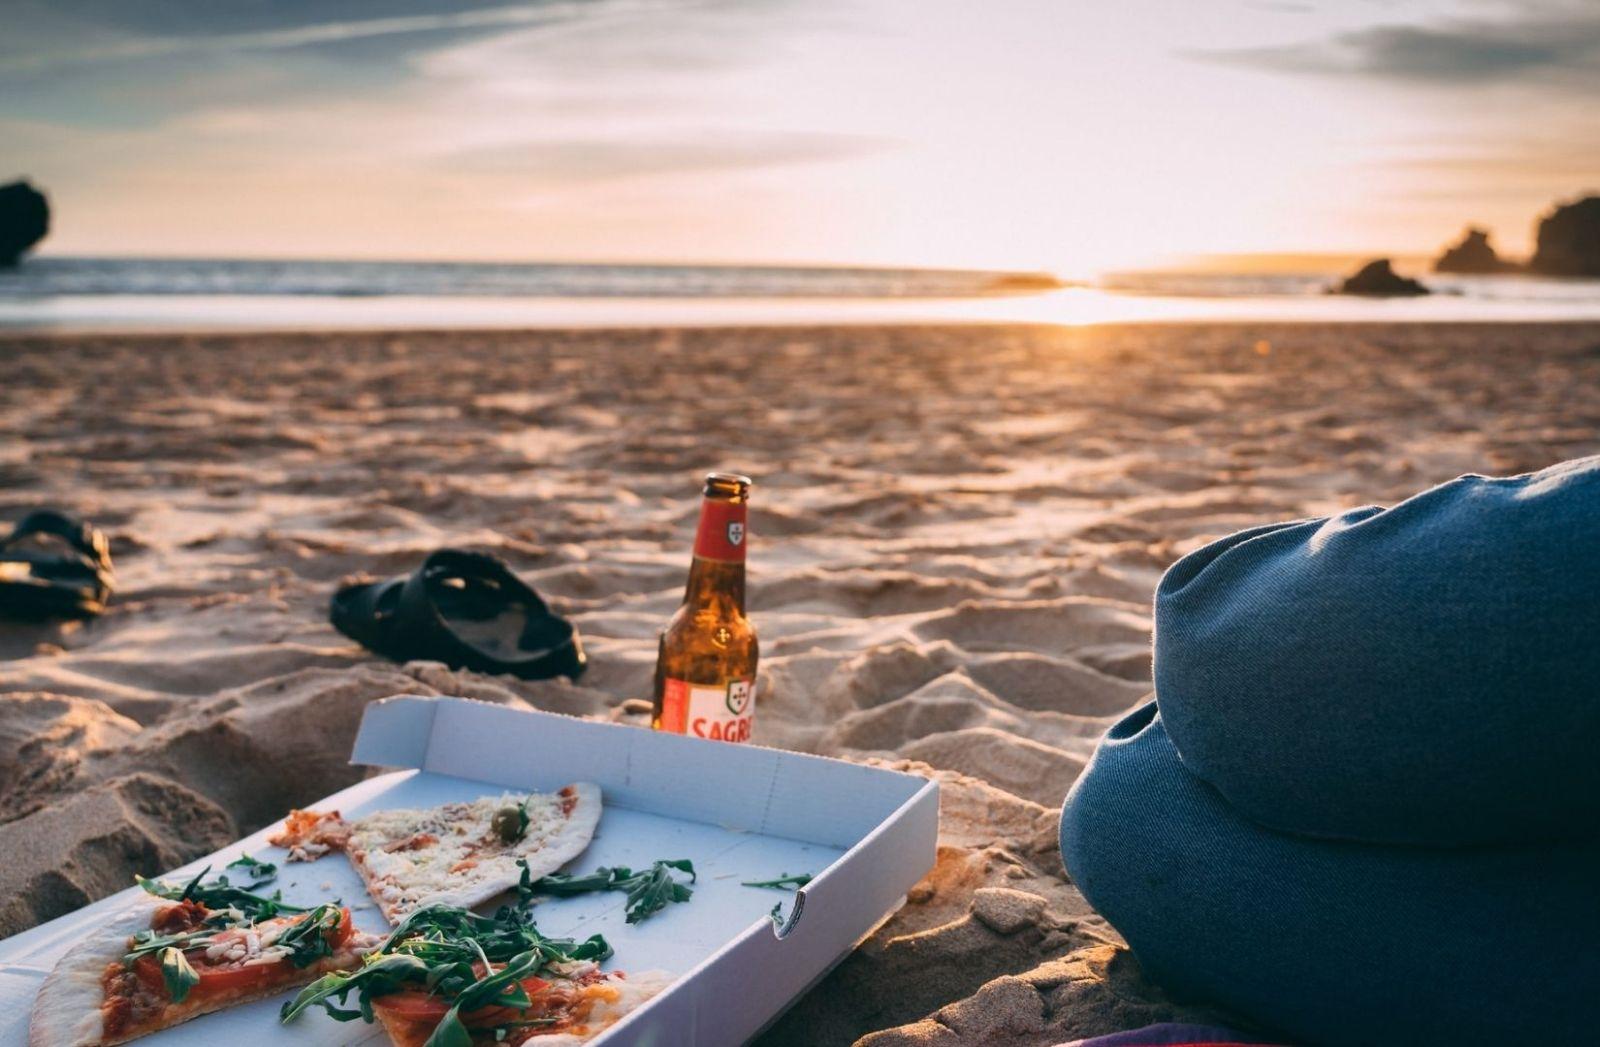 Ein Sonnenuntergang für Hipster. (Foto: Barna Bartis, Unsplash.com)